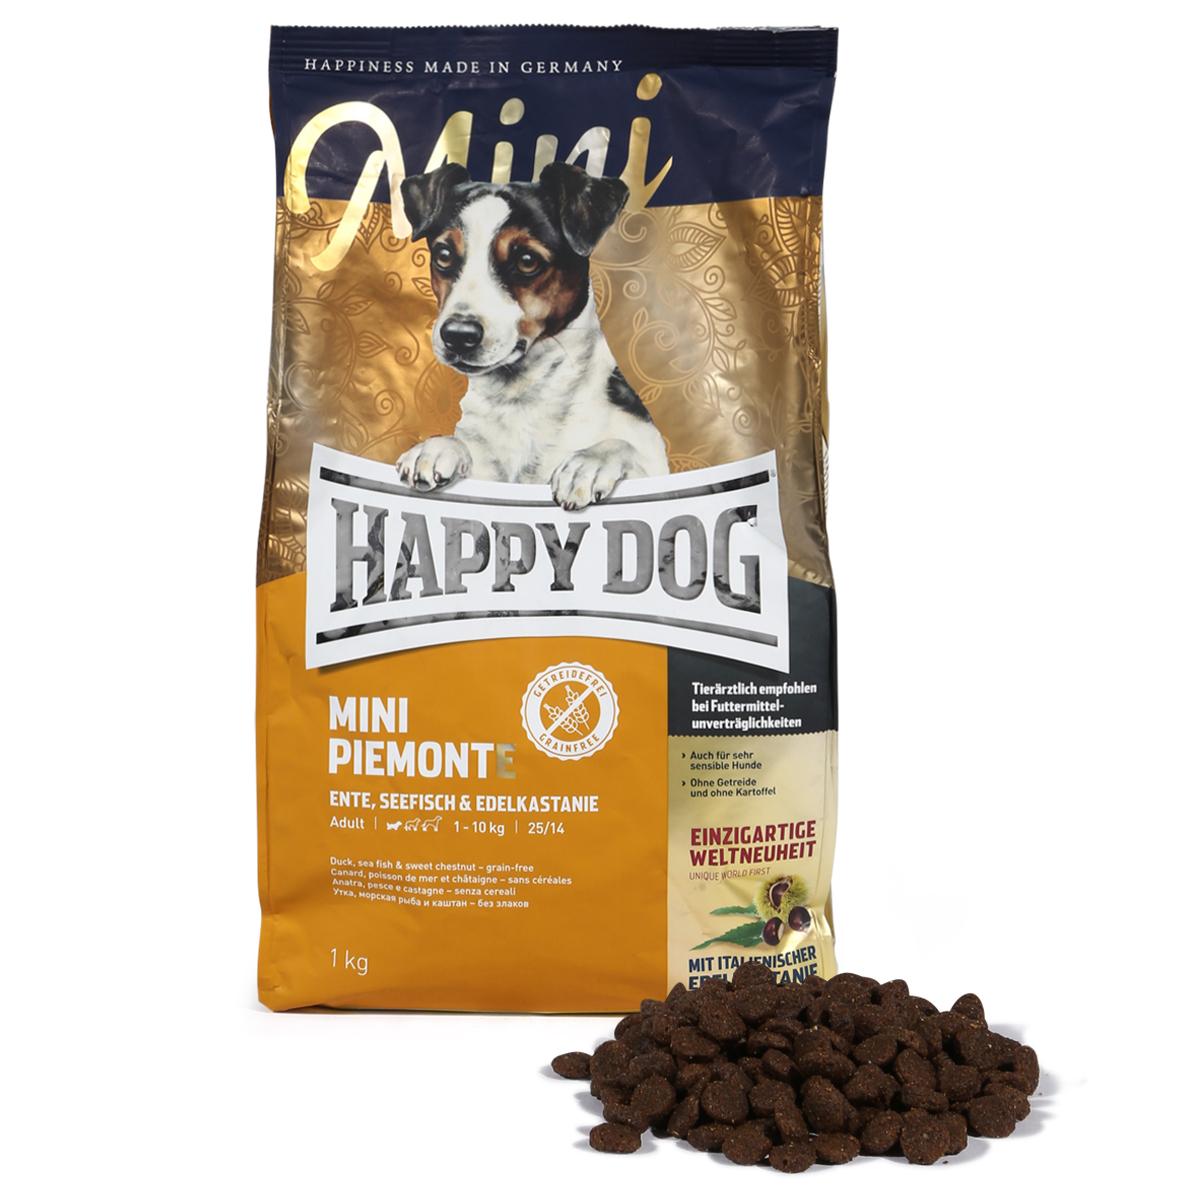 Happy Pet Products Sicherheitsgurt f/ür Hunde